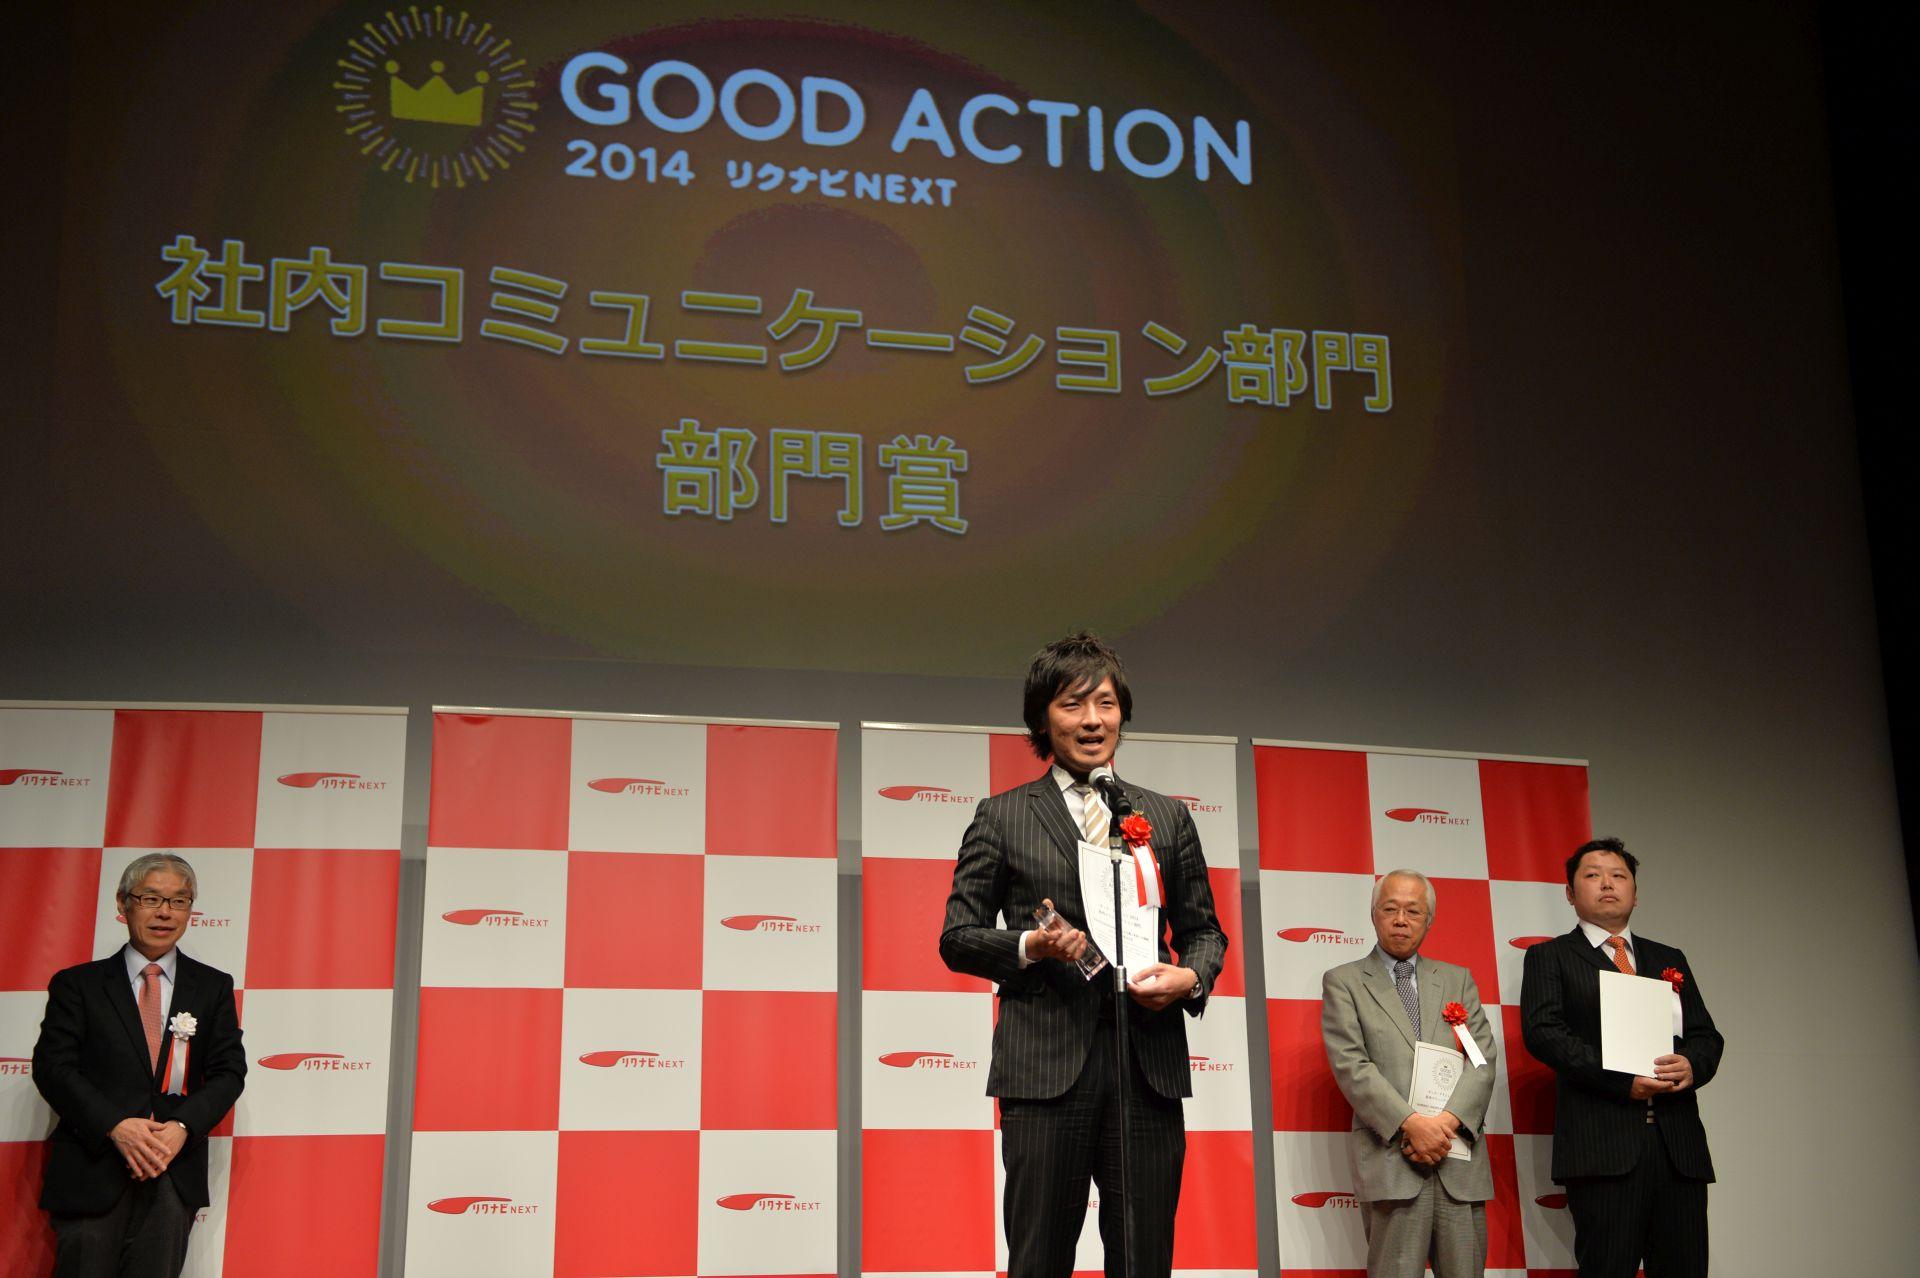 「グッド・アクション2014」表彰式でスピーチをするOne Panasonic代表の濱松 誠さん